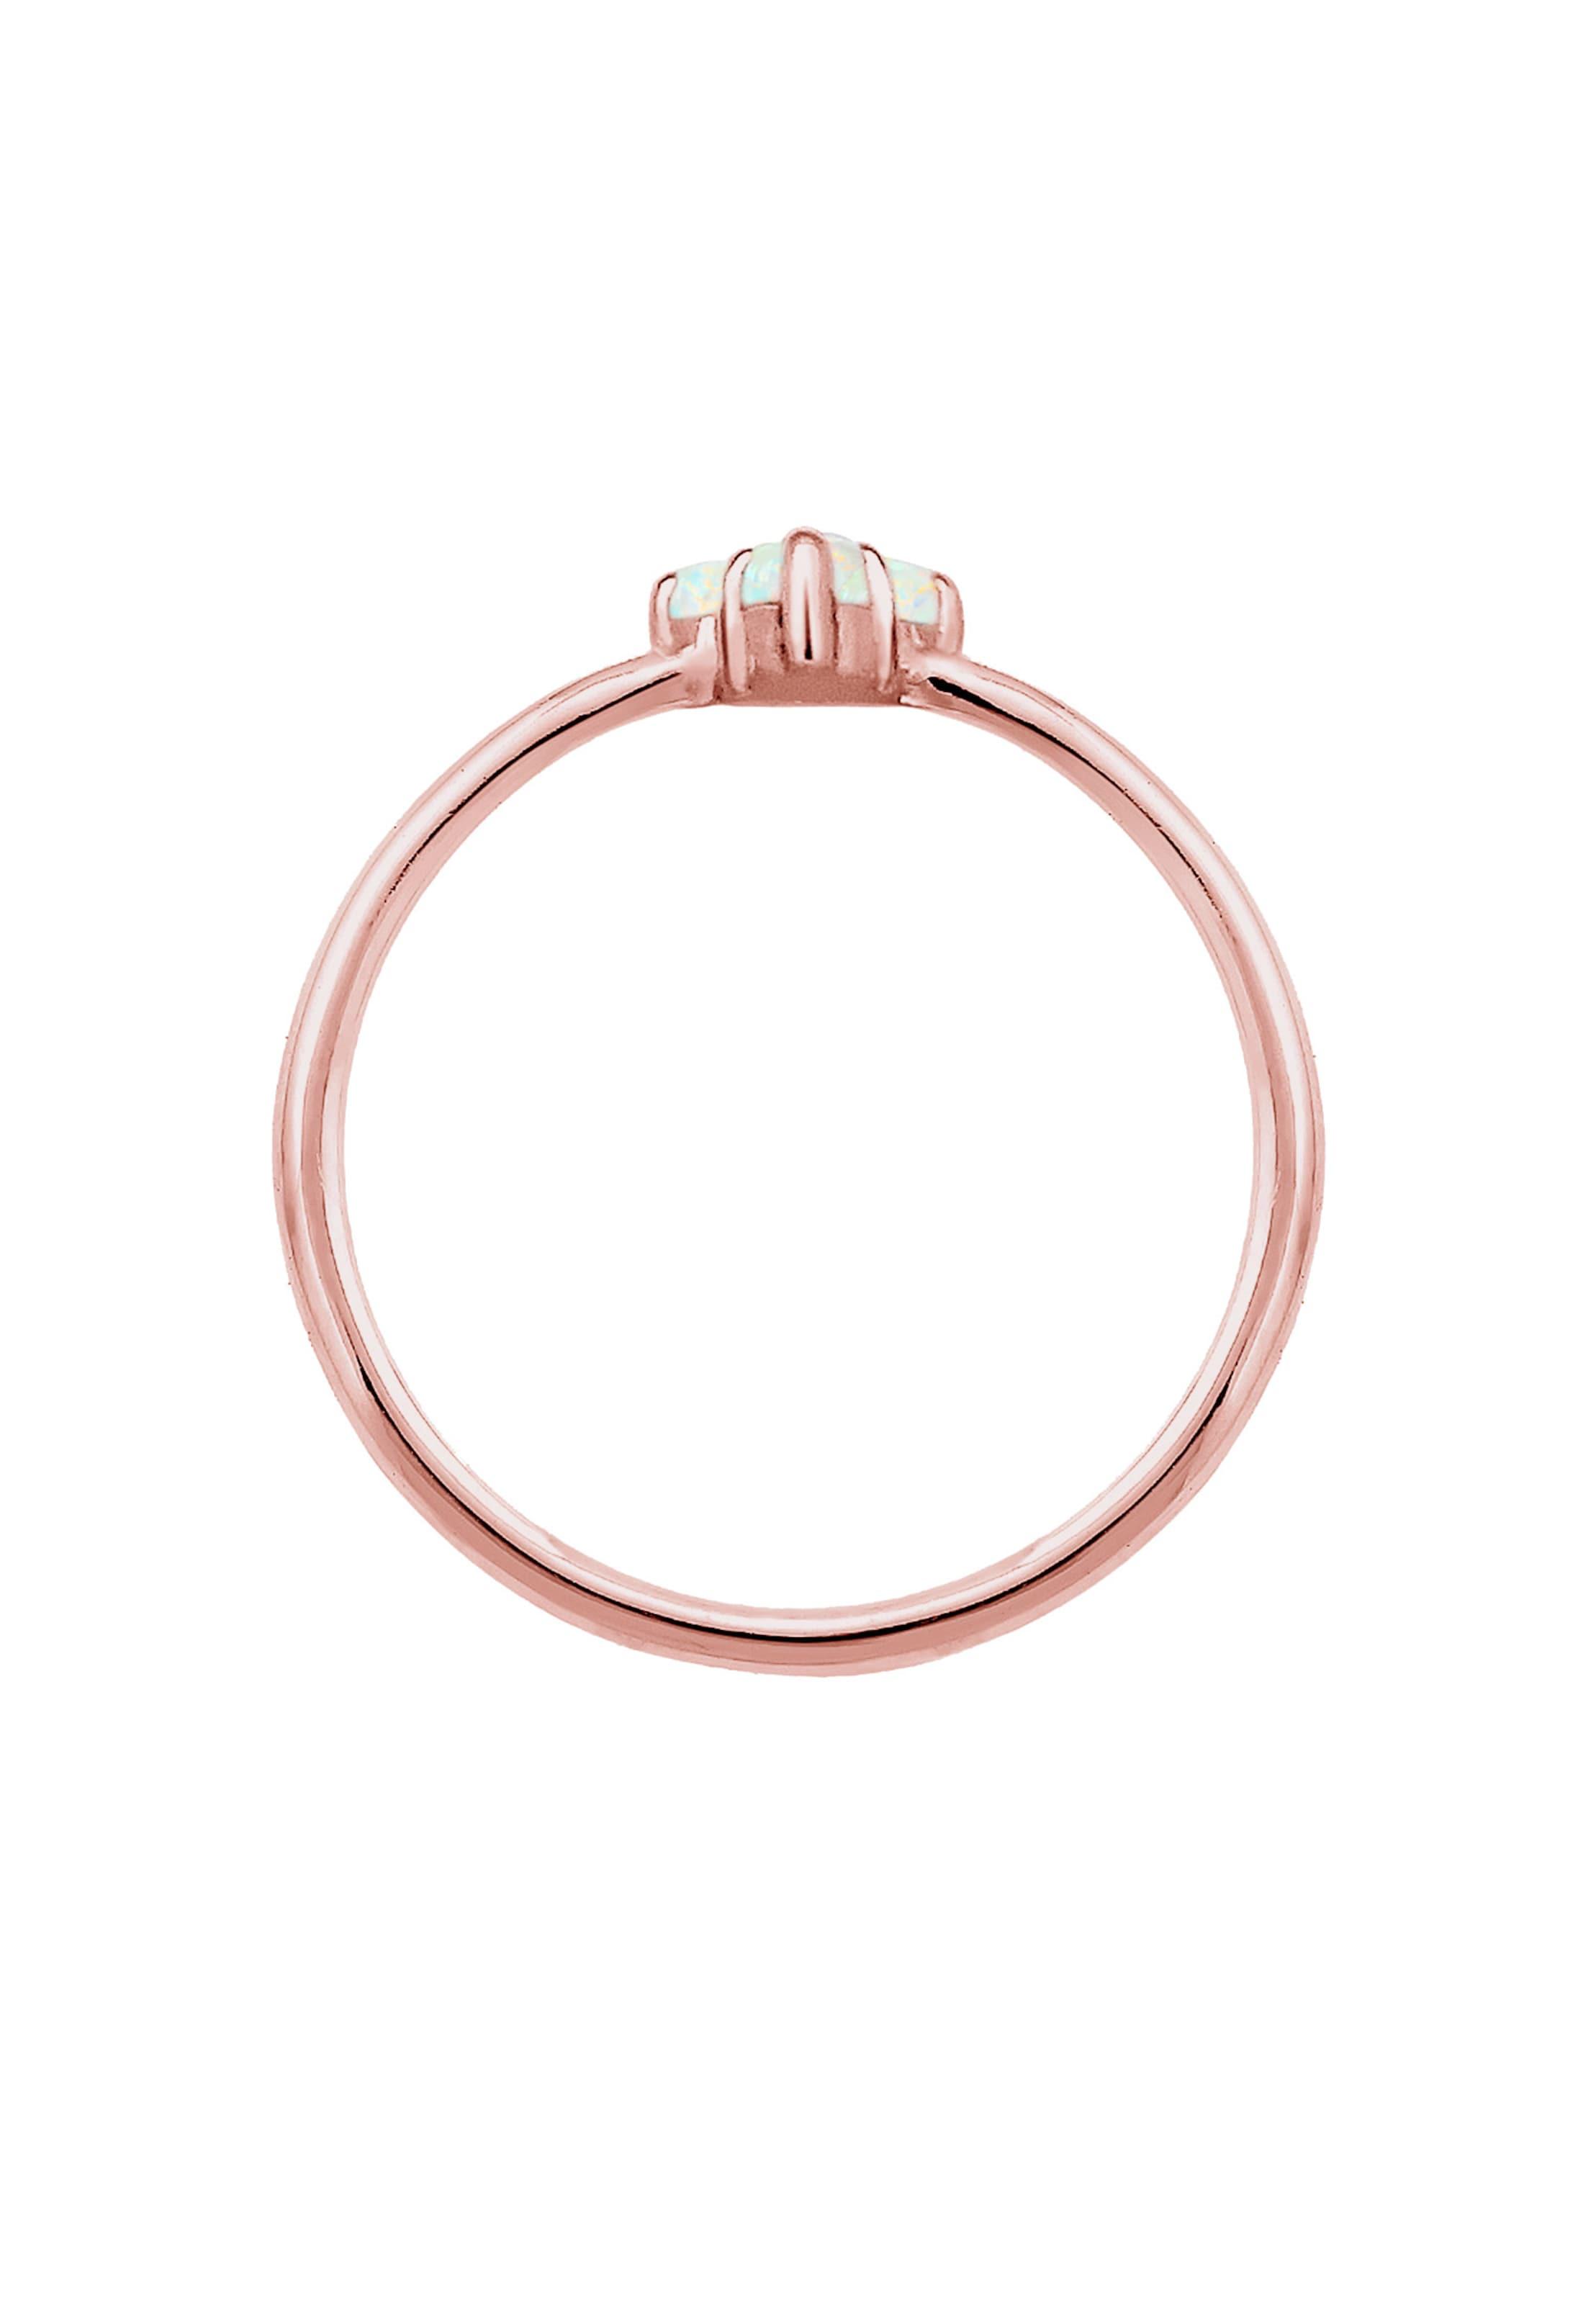 Elli OpalRosegold Ring 'opal' Ring In Elli ZiuPXk